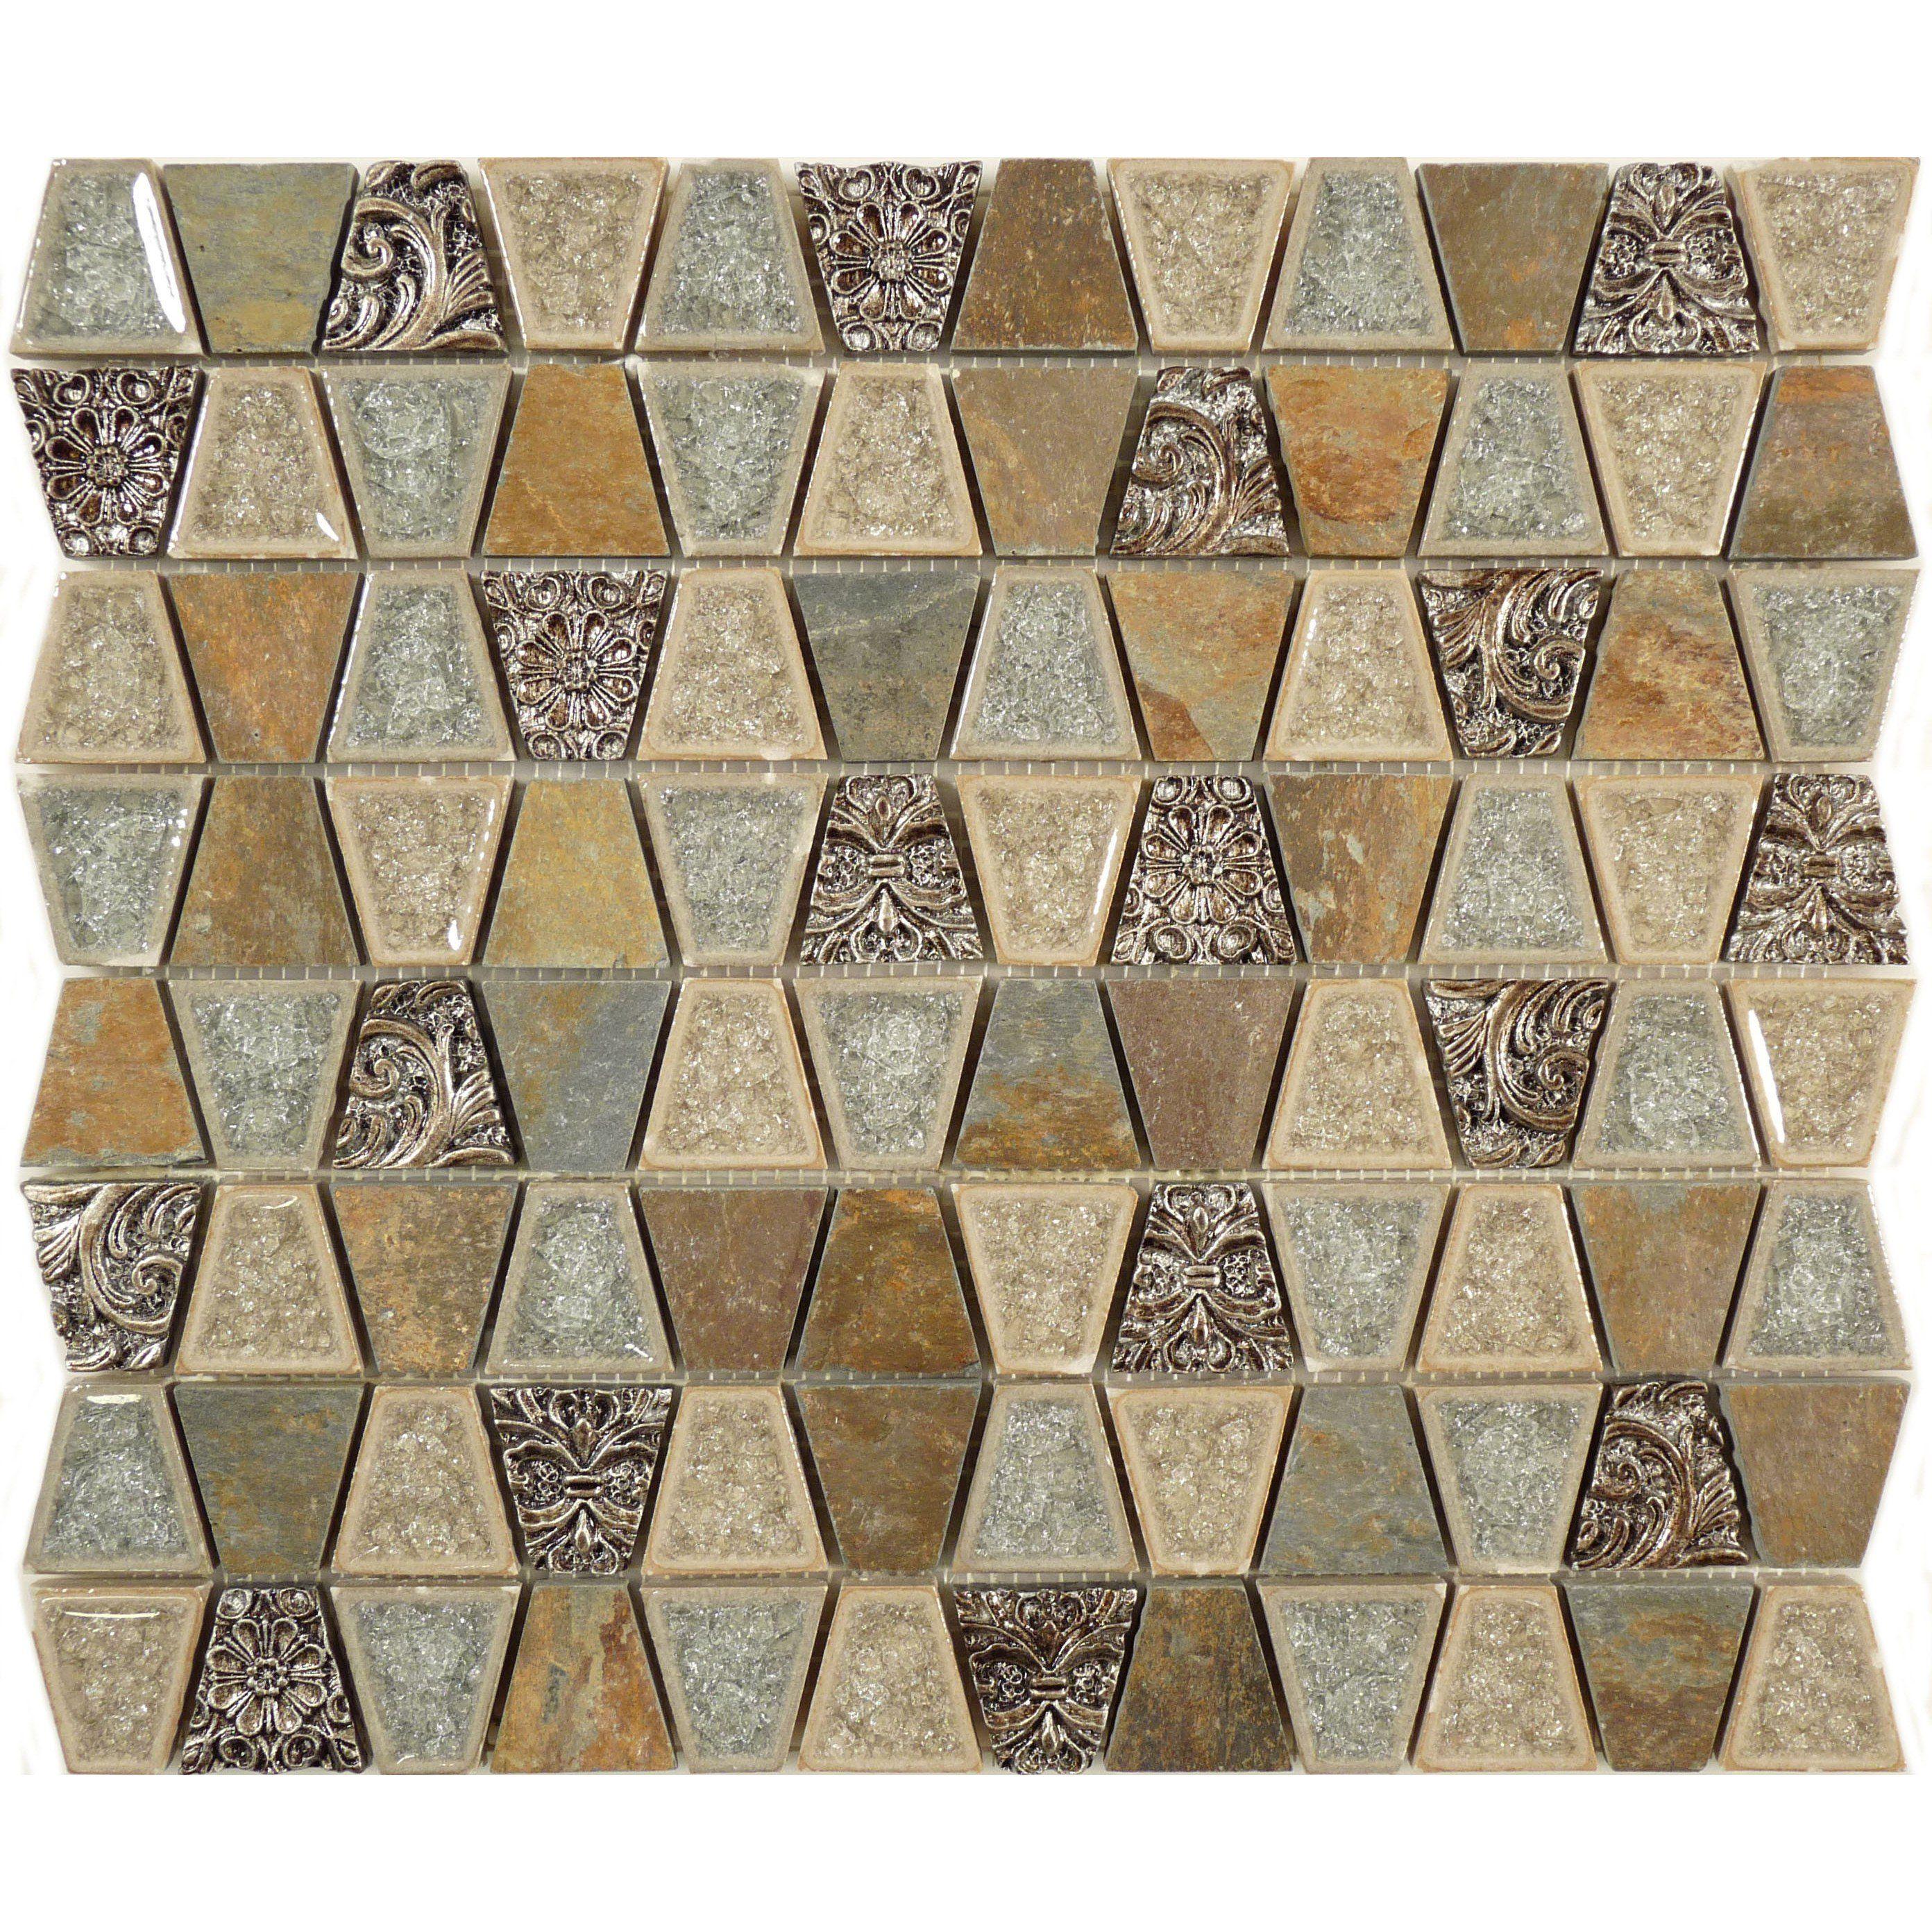 Sheet Size 10 5 8 X 12 1 4 Tile